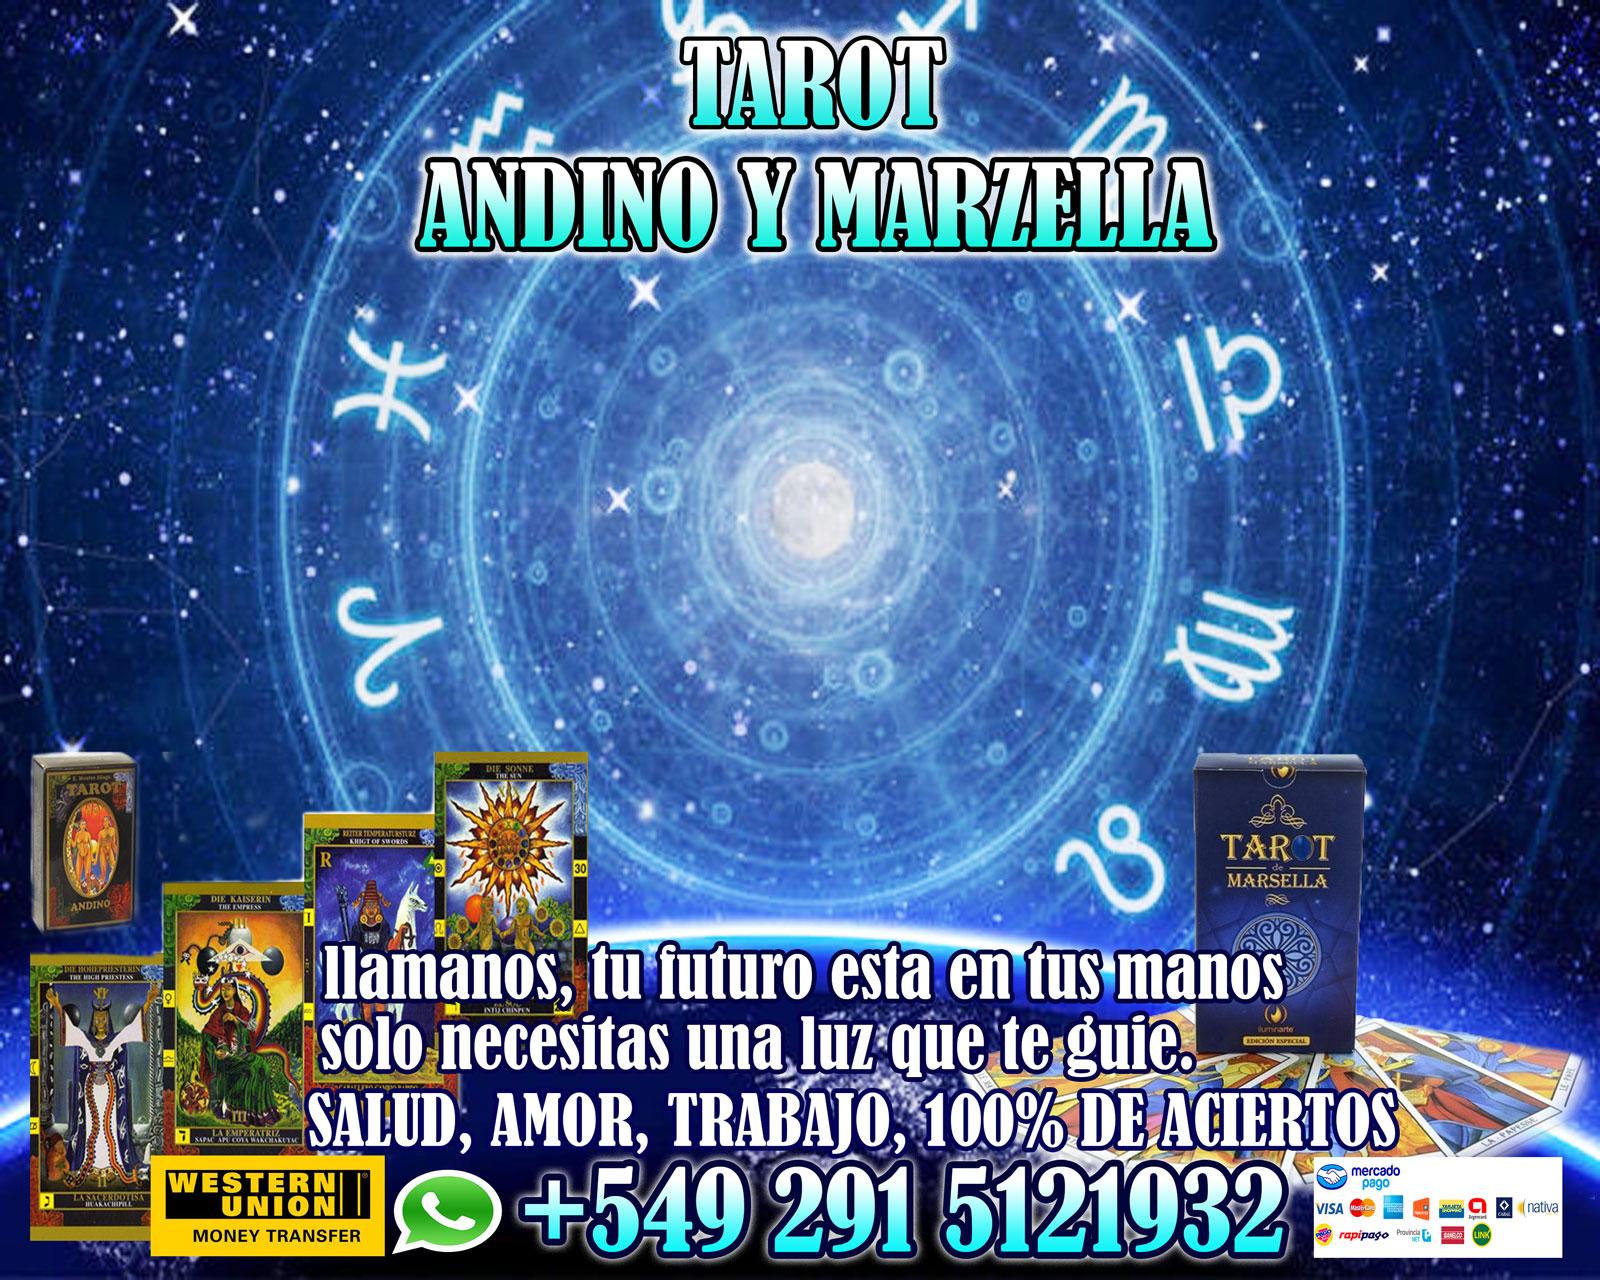 TAROT-ANDINO-MARZELLA